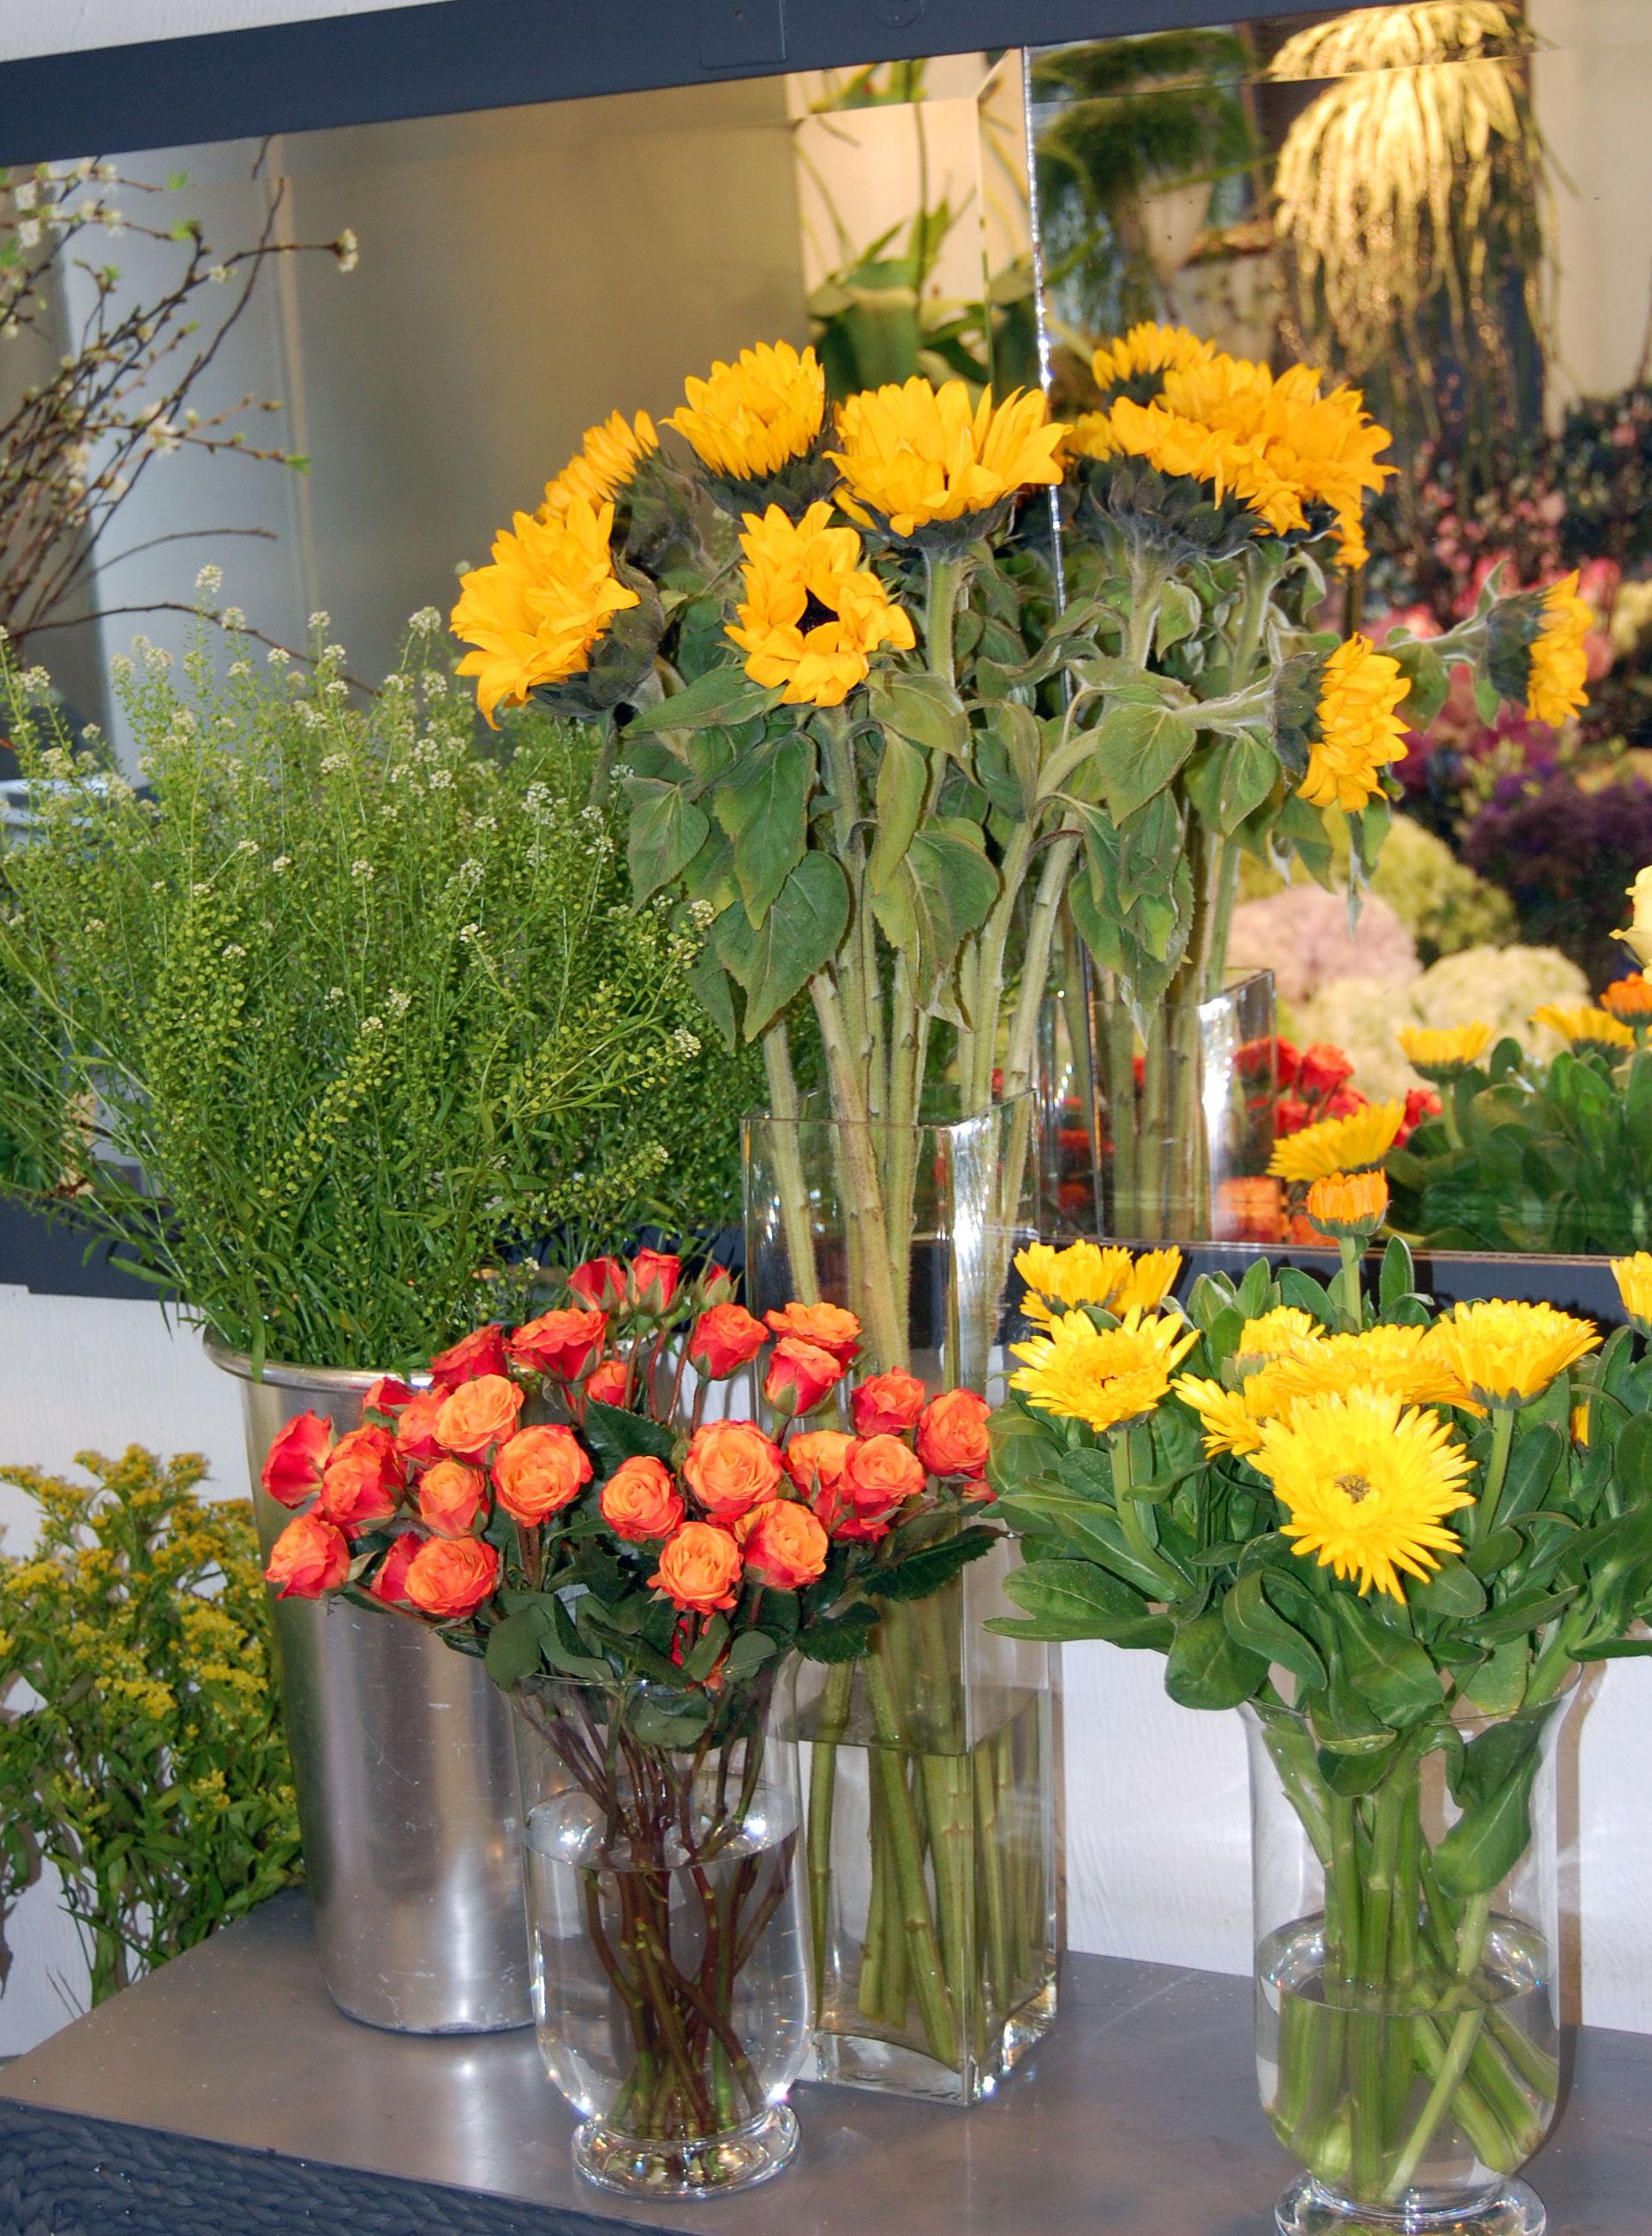 Girasoles y otras flores